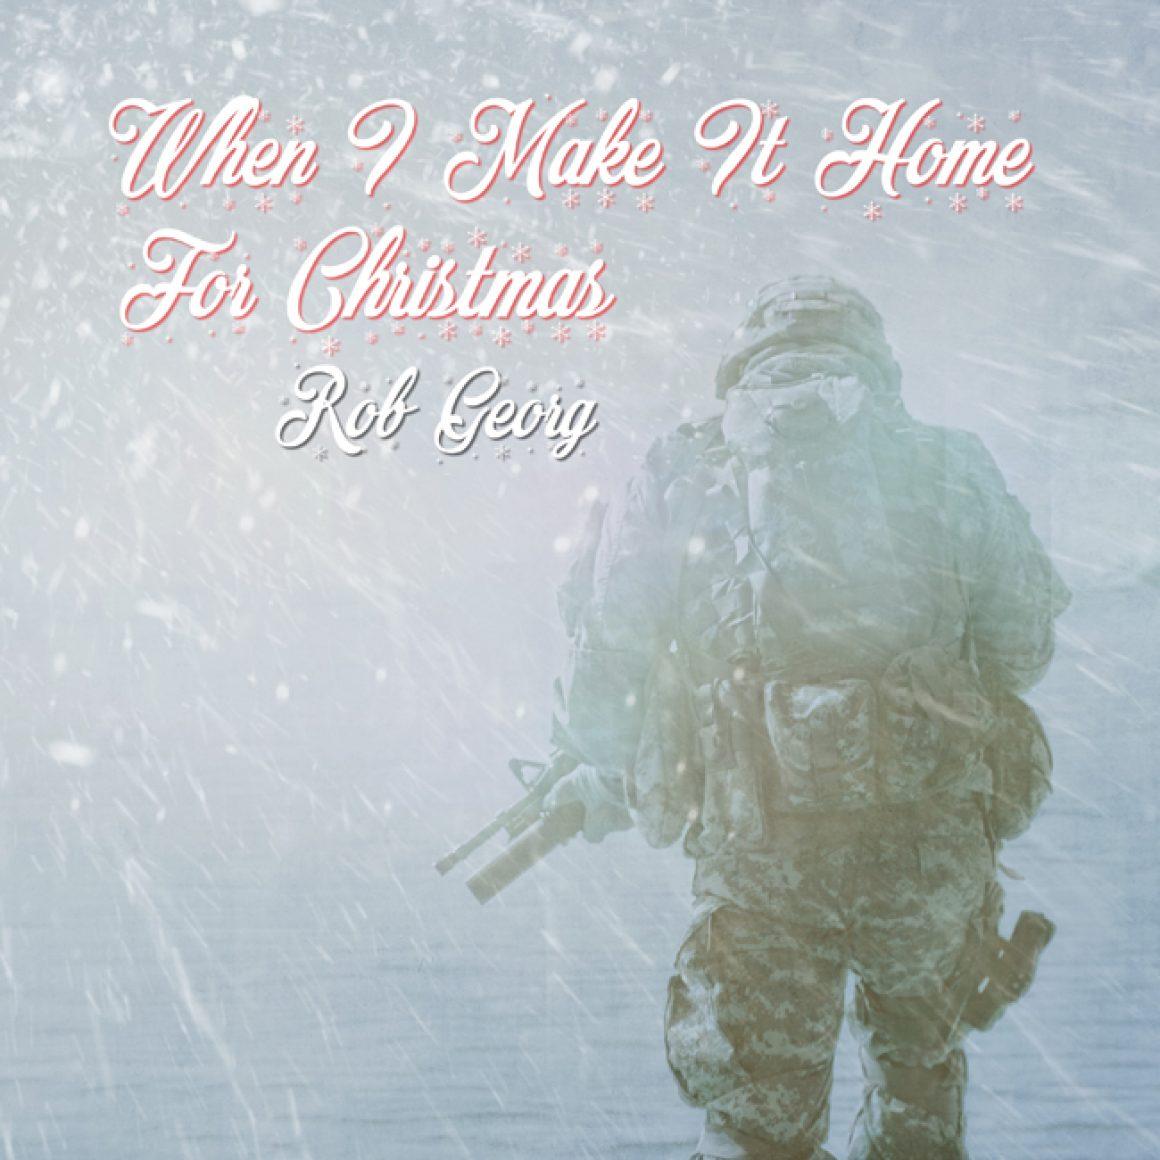 rob georg home_for_christmas_final